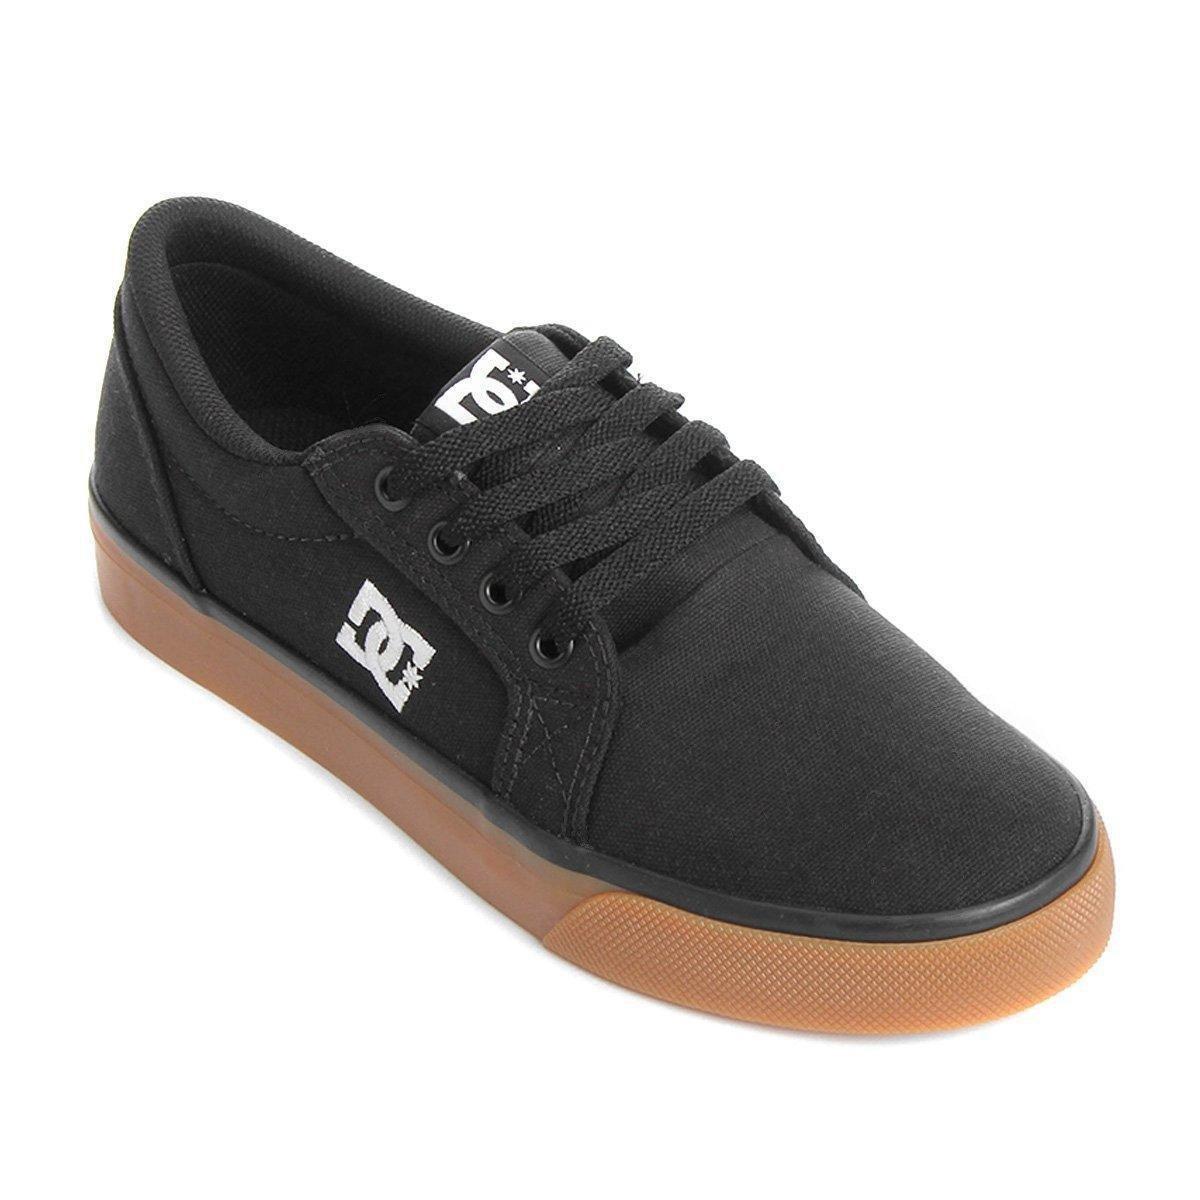 fa3eabc3d7 Tênis DC Shoes Femininos - Melhores Preços | Netshoes